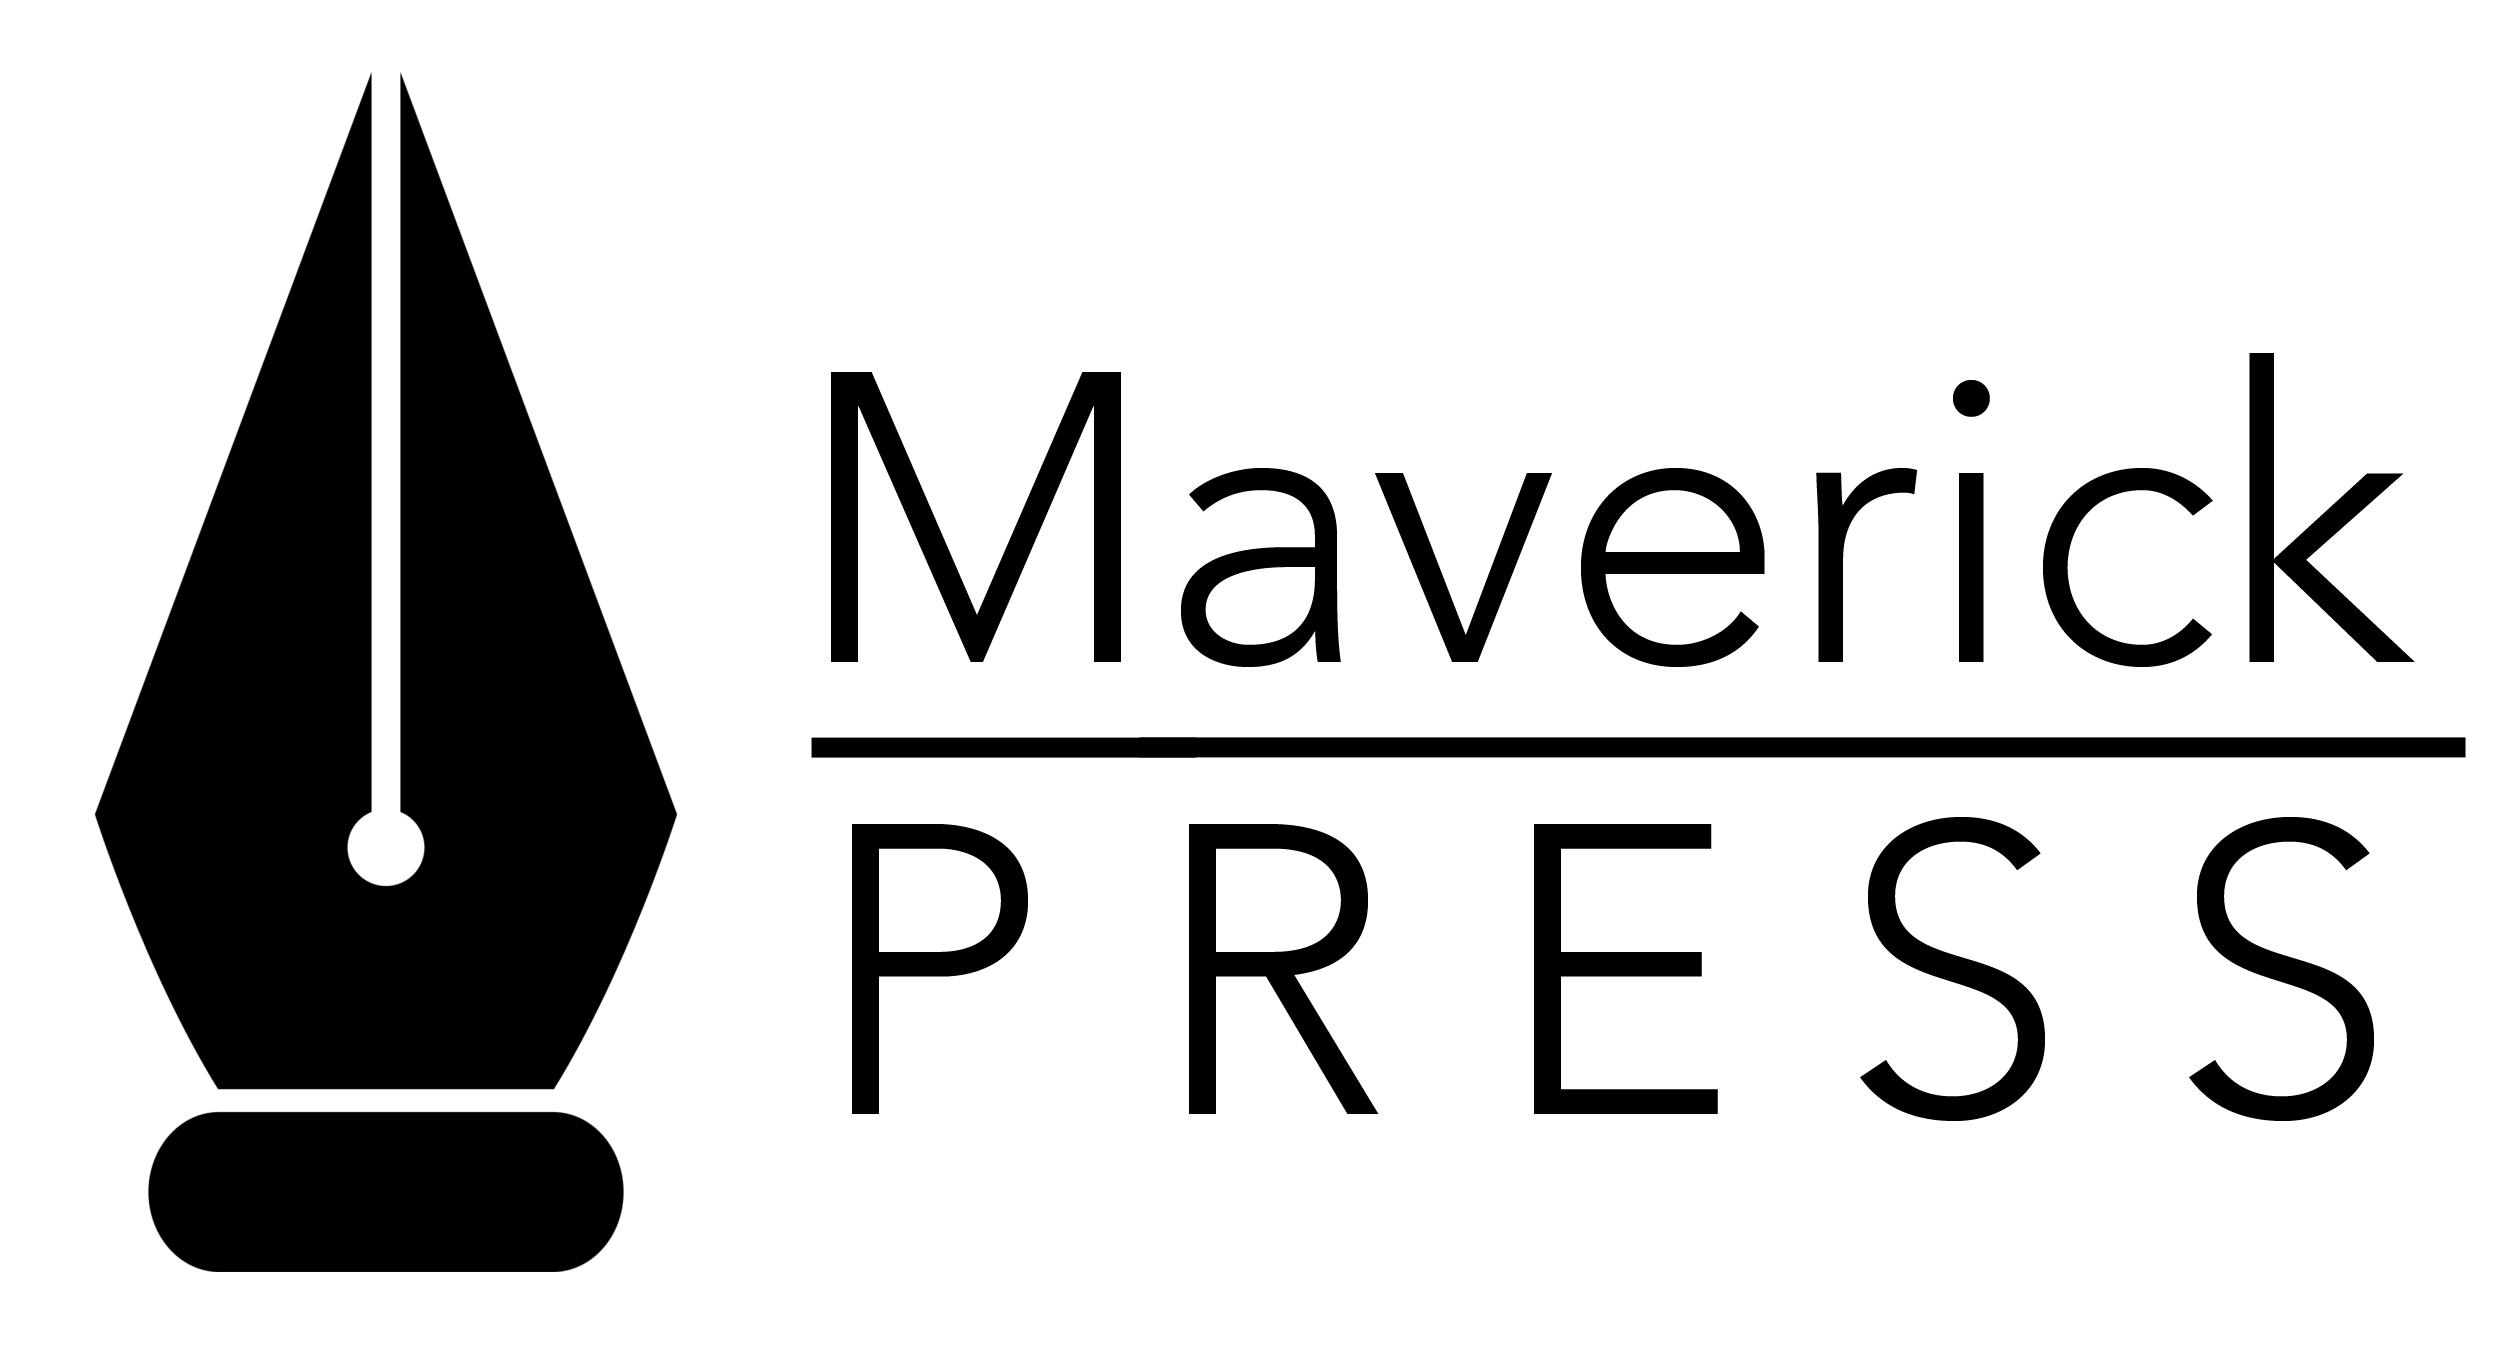 Maverick Press